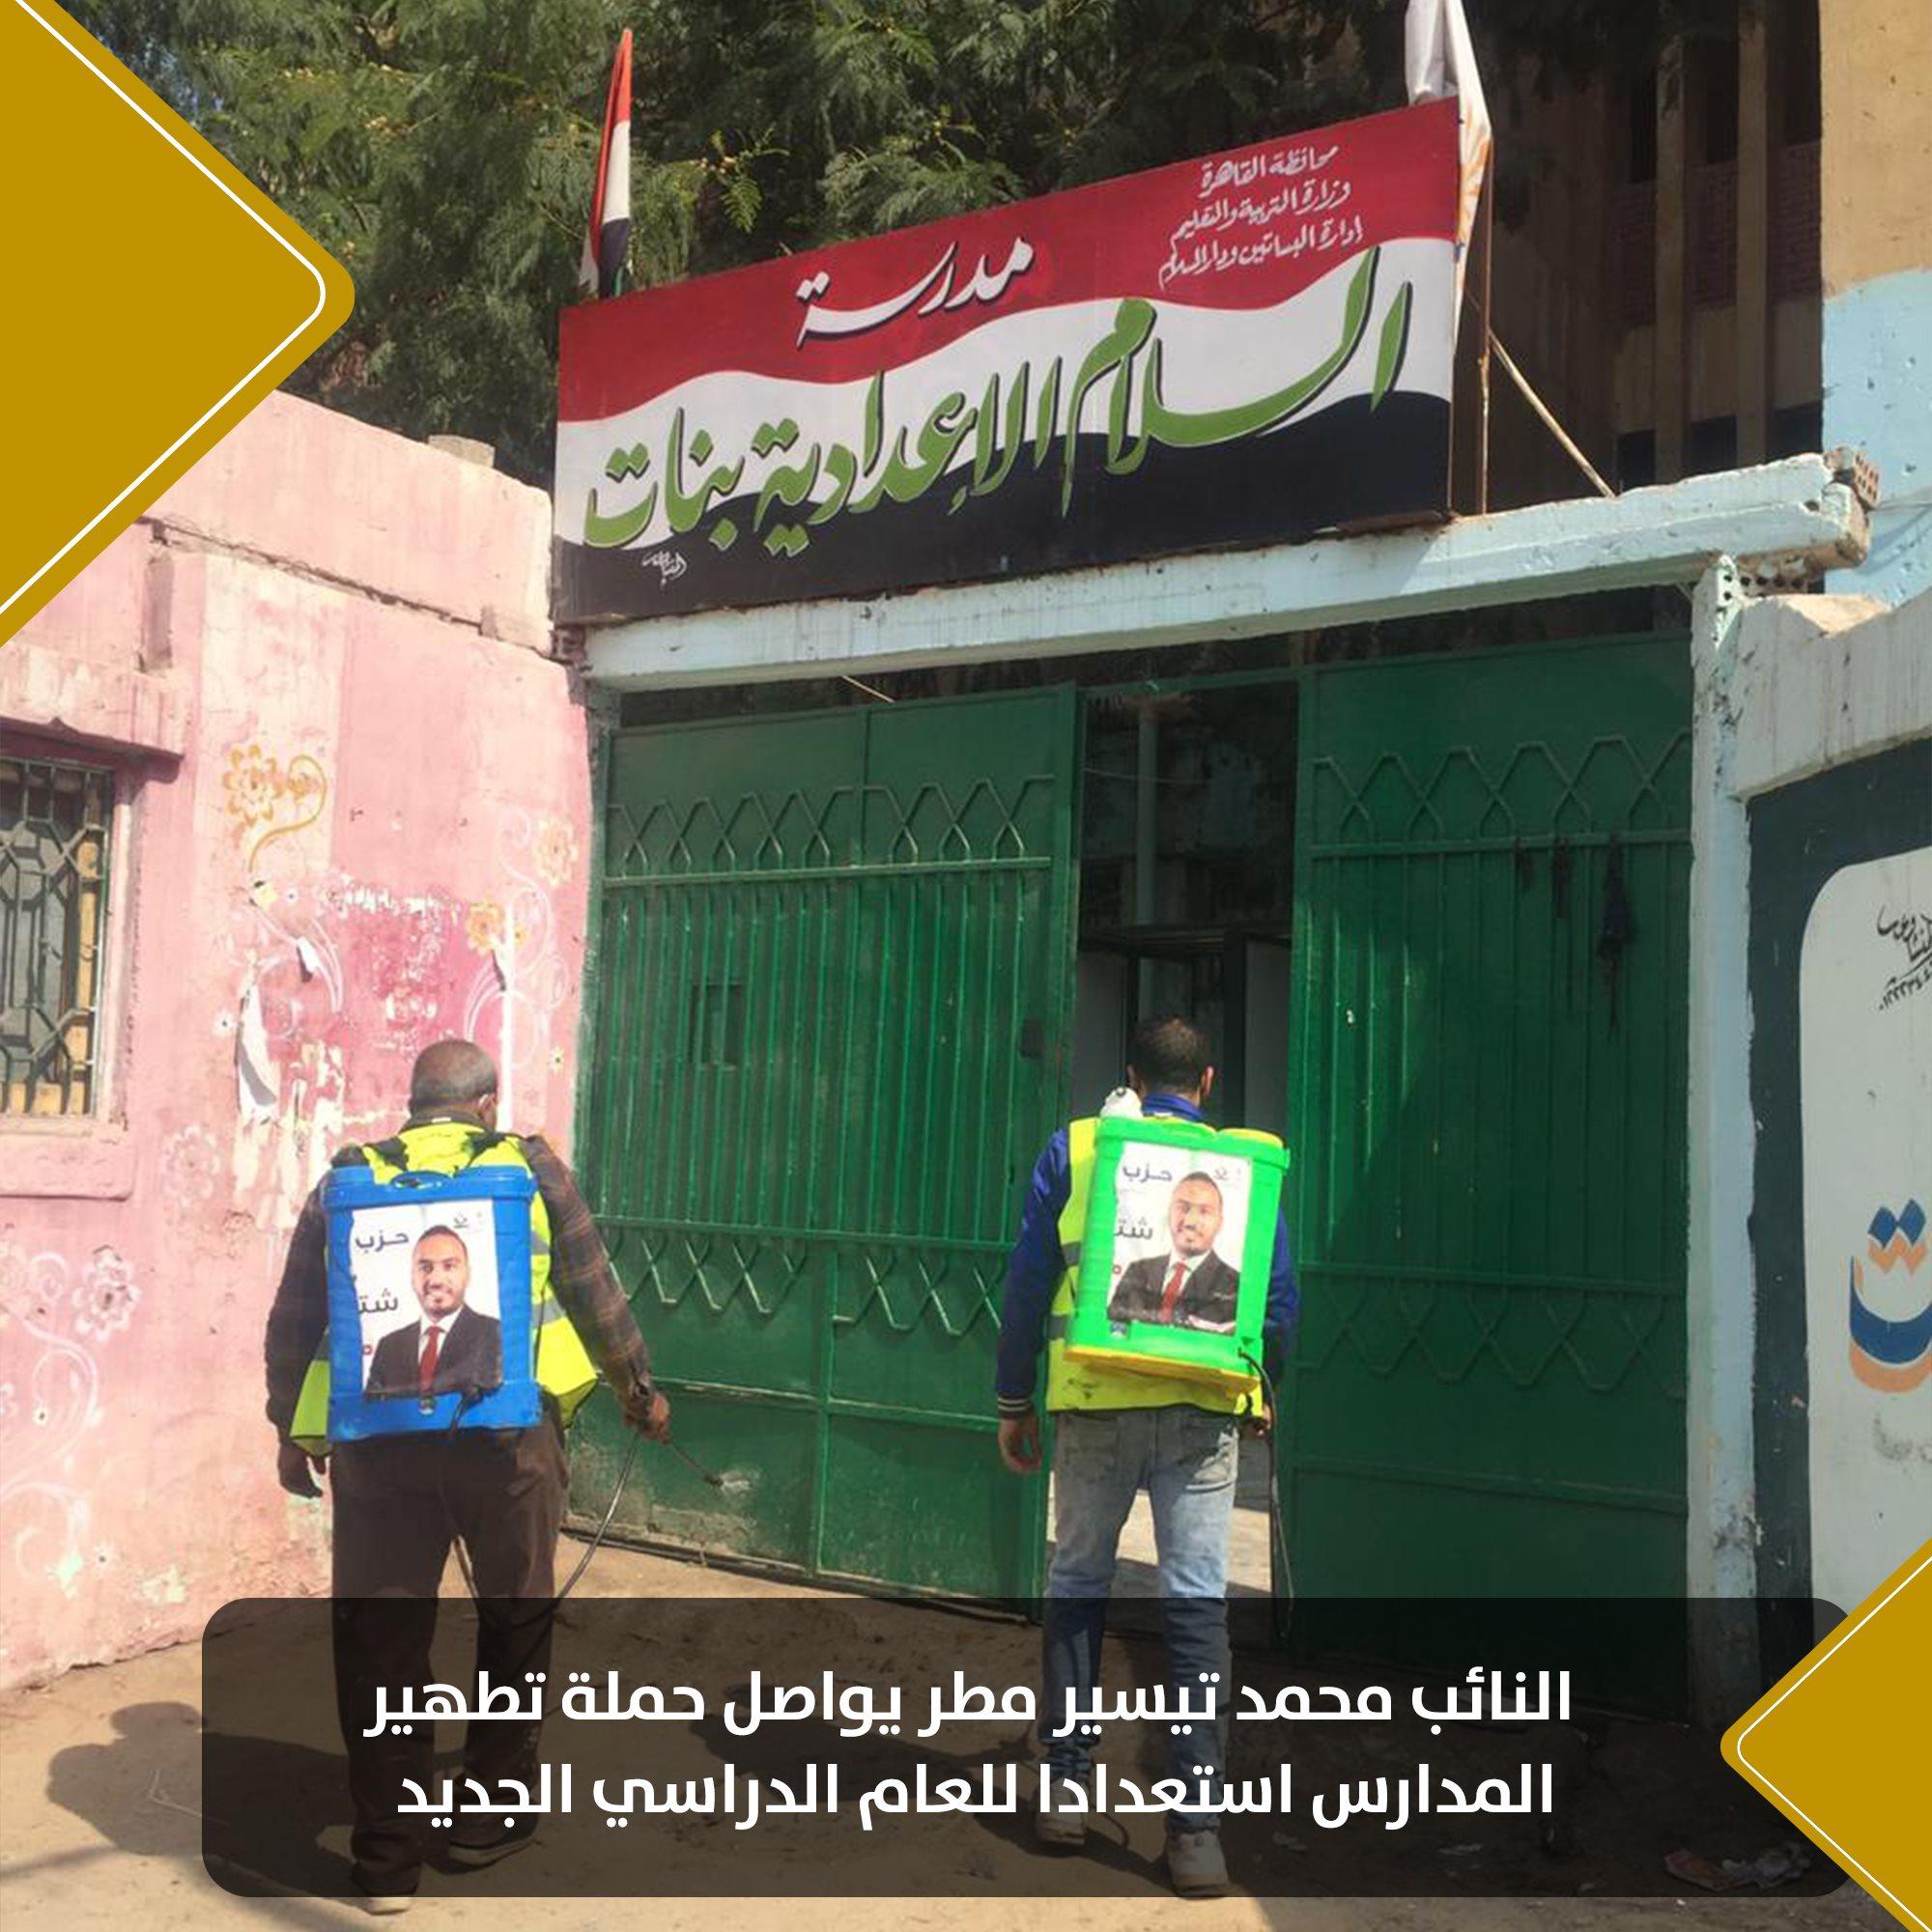 النائب محمد تيسير مطر يواصل حملة تطهير المدارسس (3)